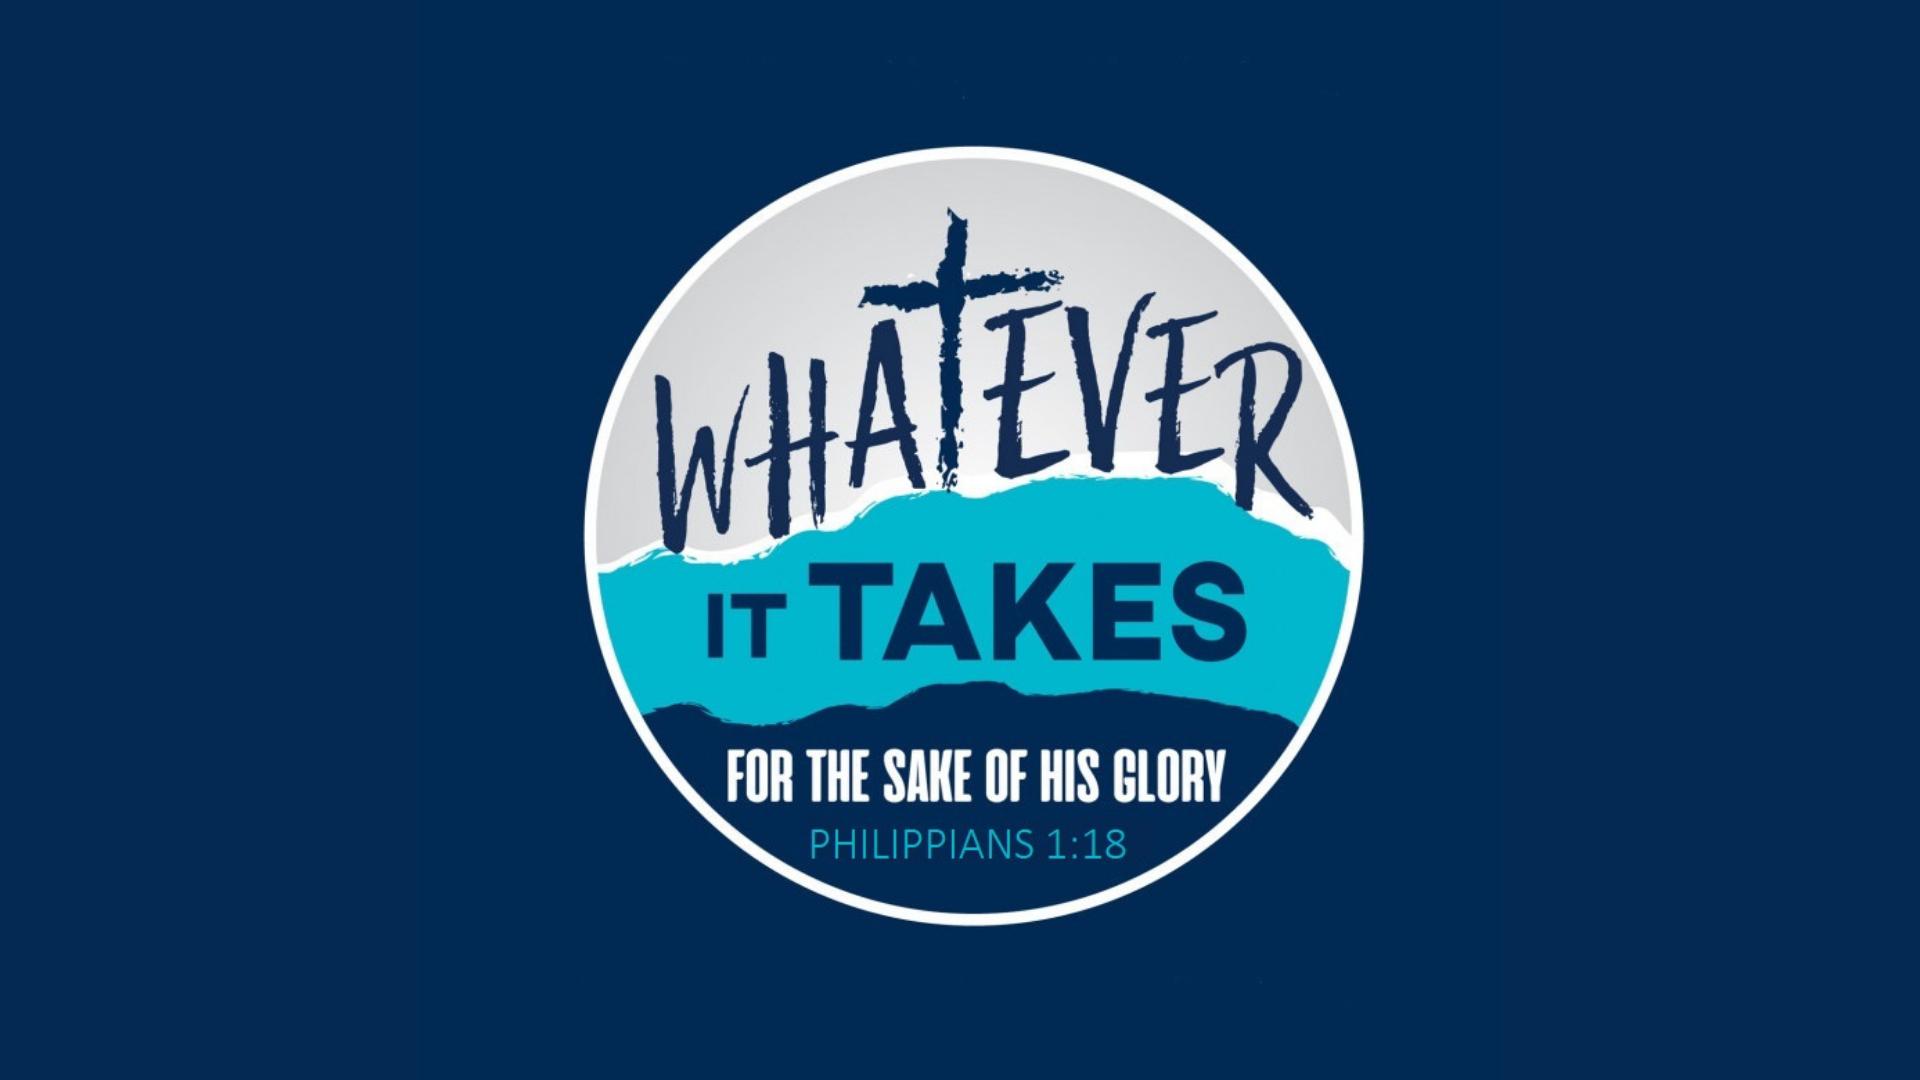 Whatever it takes logo